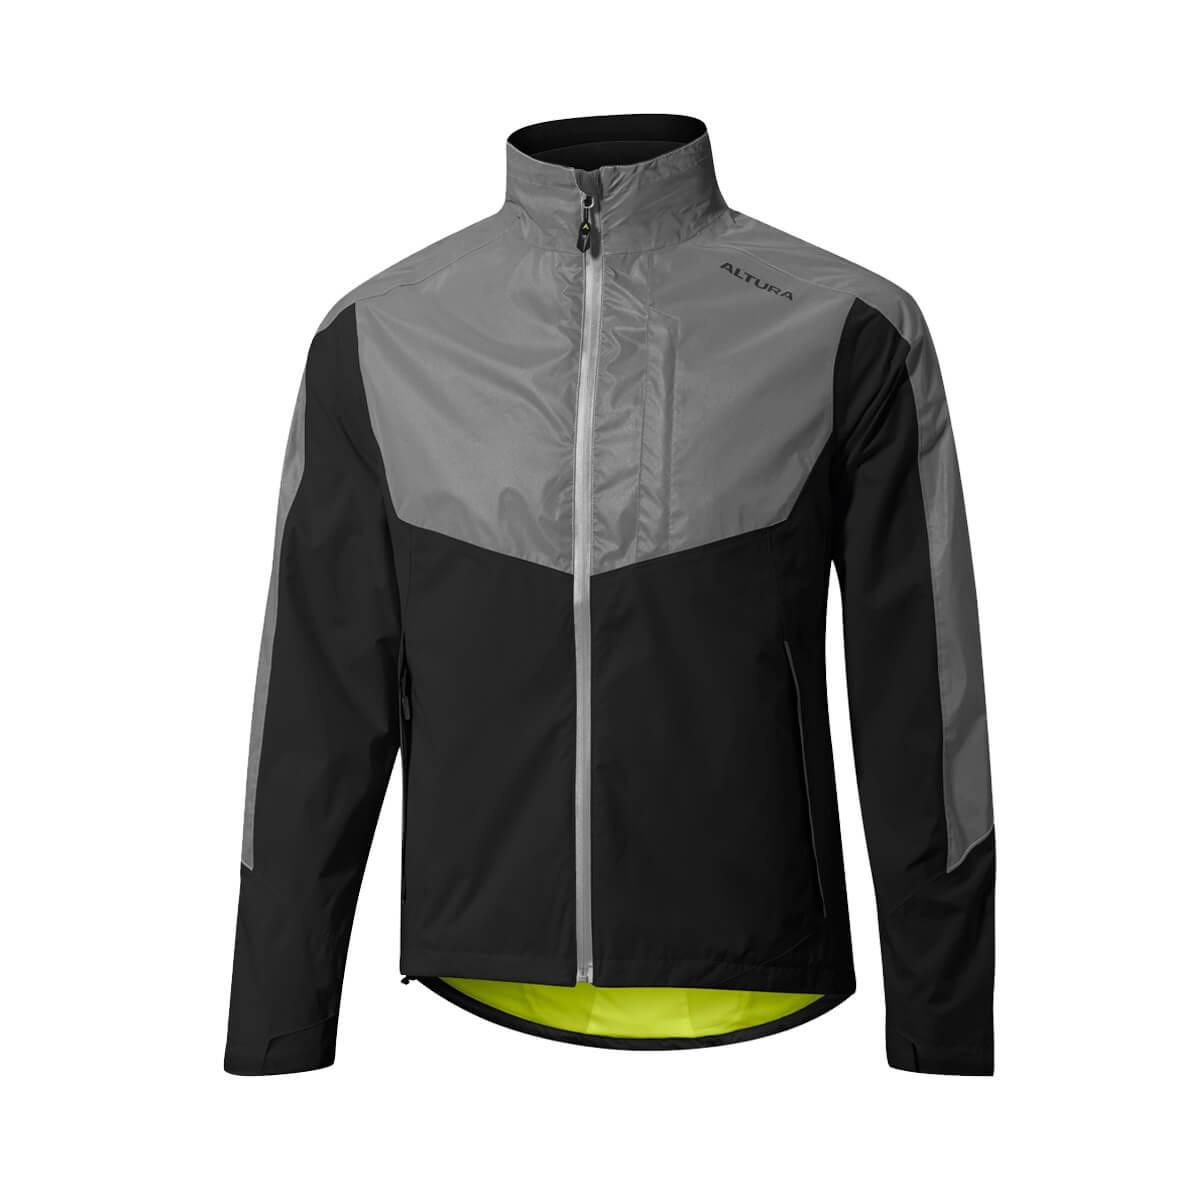 Altura Nightvision Waterproof Jacket